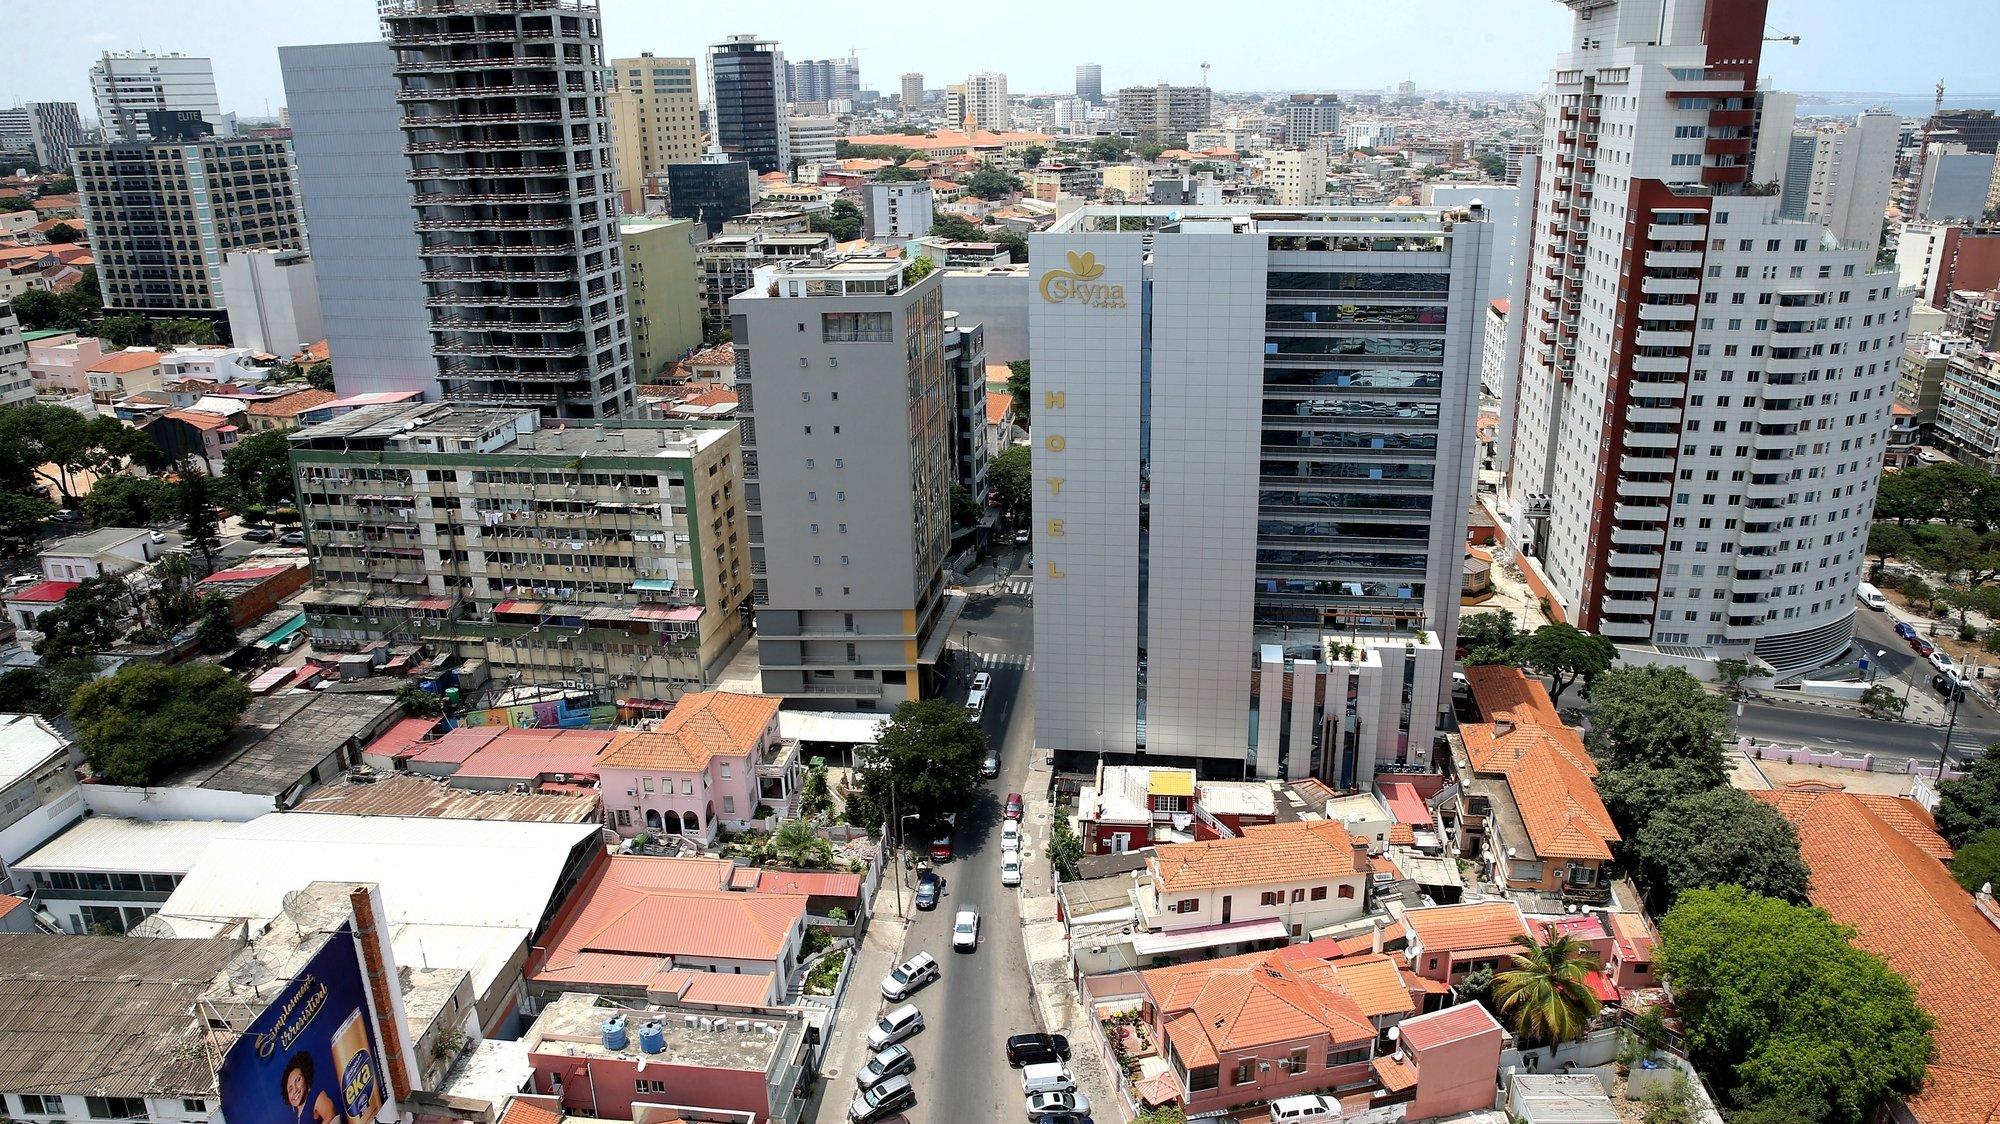 Cidade de Luanda, em Angola, 15 de fevereiro de 2021. AMPE ROGÉRIO/LUSA